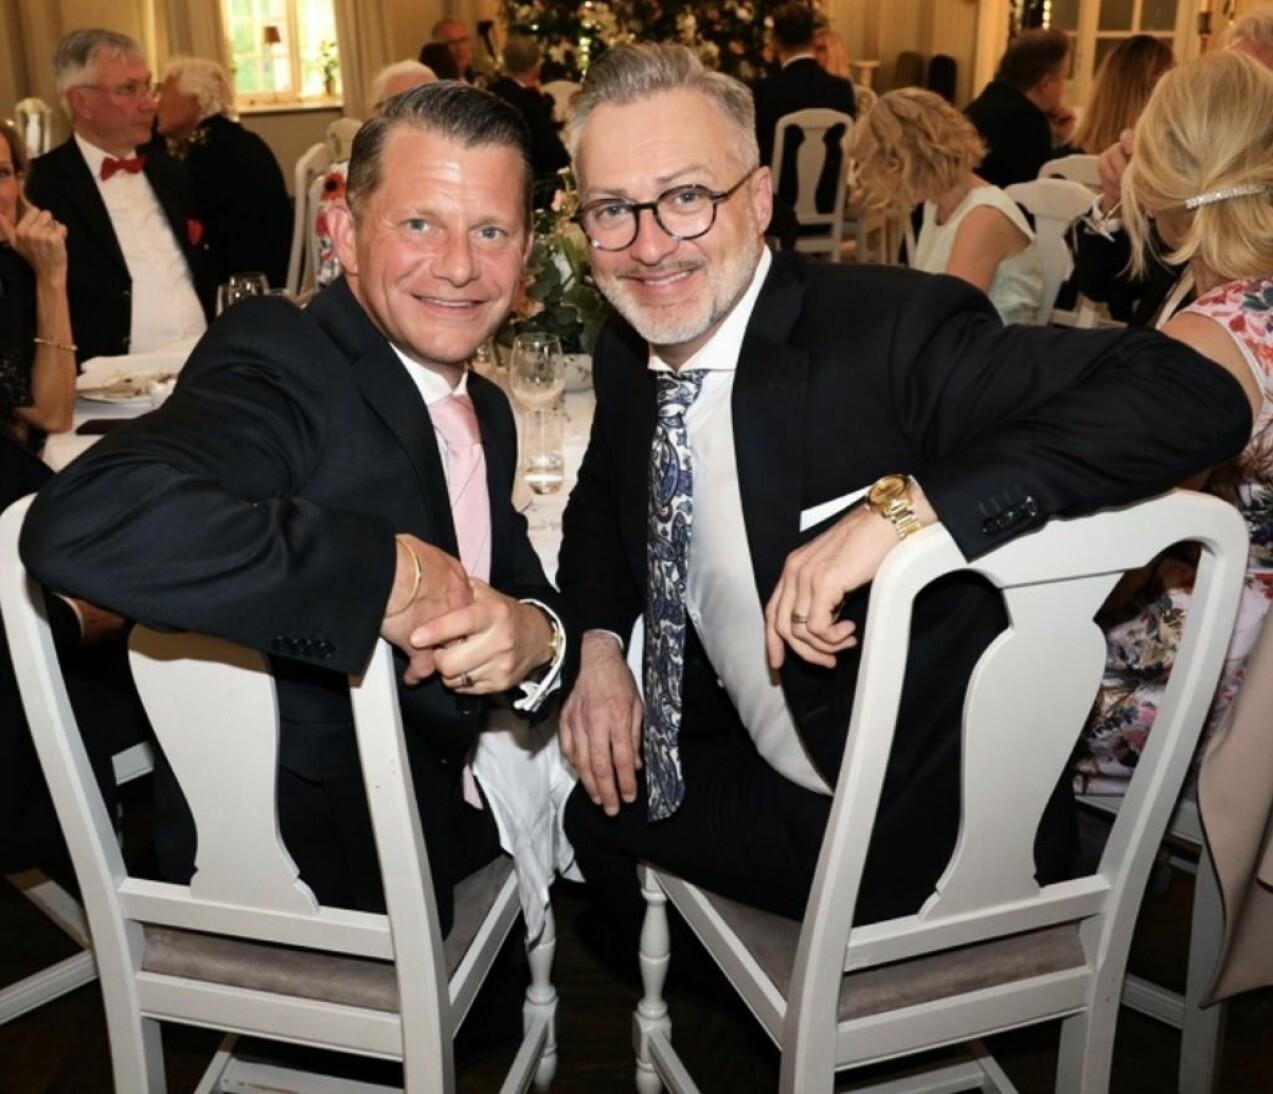 Alexander Skiöldsparr och Tony Irving